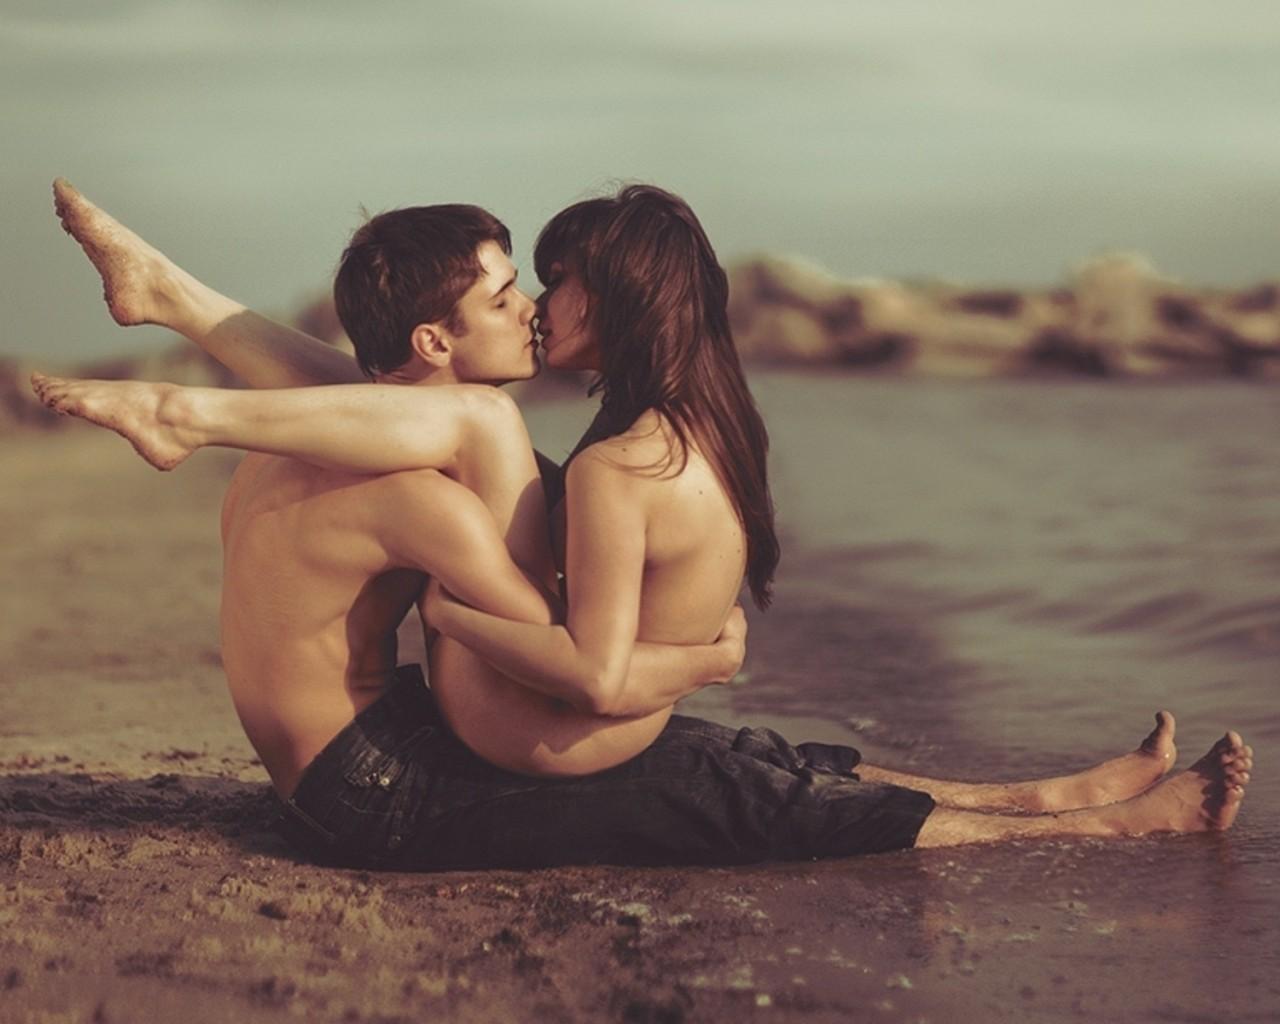 Эротическае рассказы как я люблю соблазнять мужчин 2 фотография